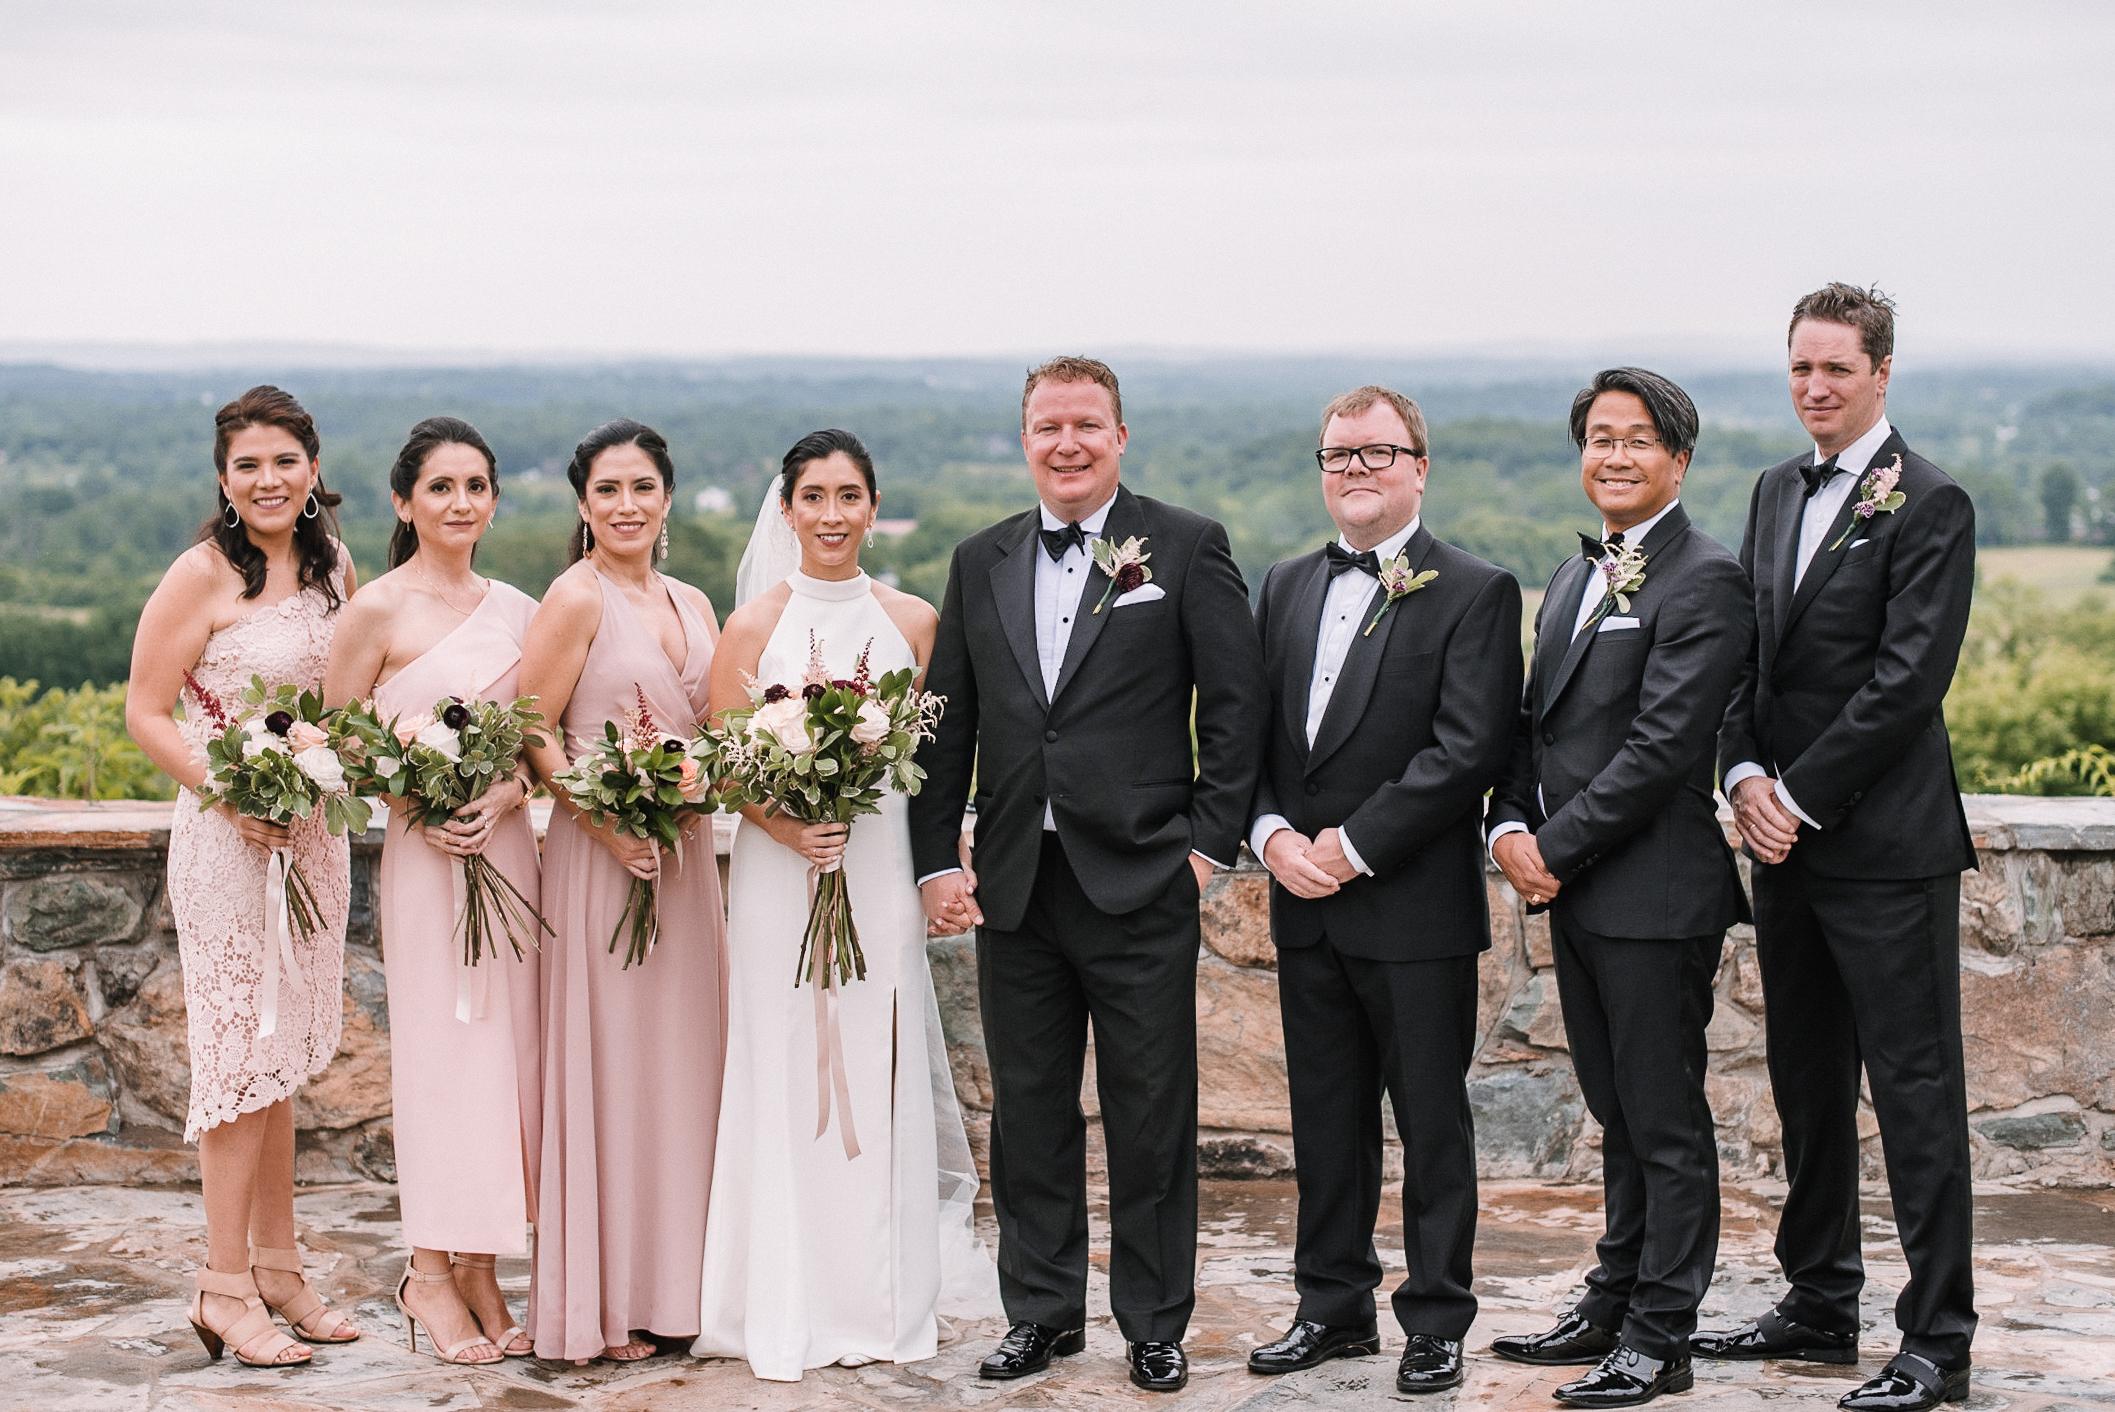 wedding party smiling at Bluemont Vineyard